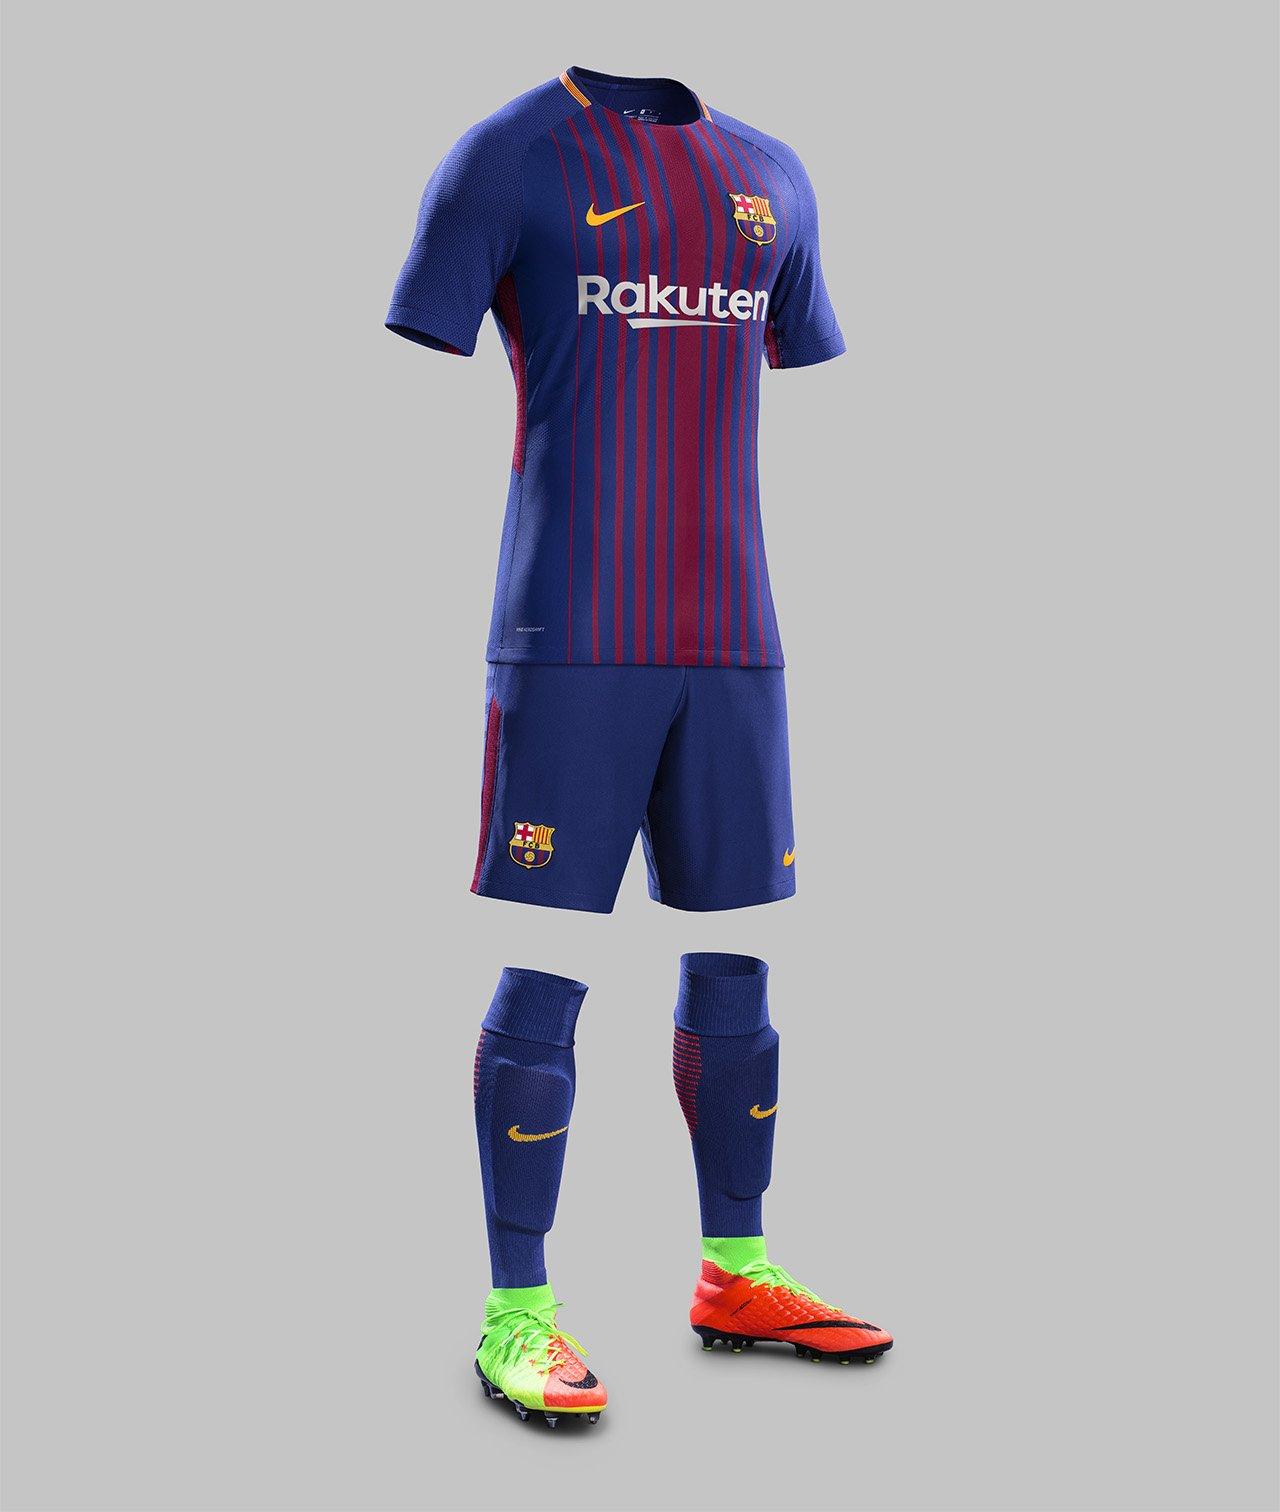 67e8df26f6f Camisas do FC Barcelona 2017 2018 Nike Mantos do Futebol 1280x1512